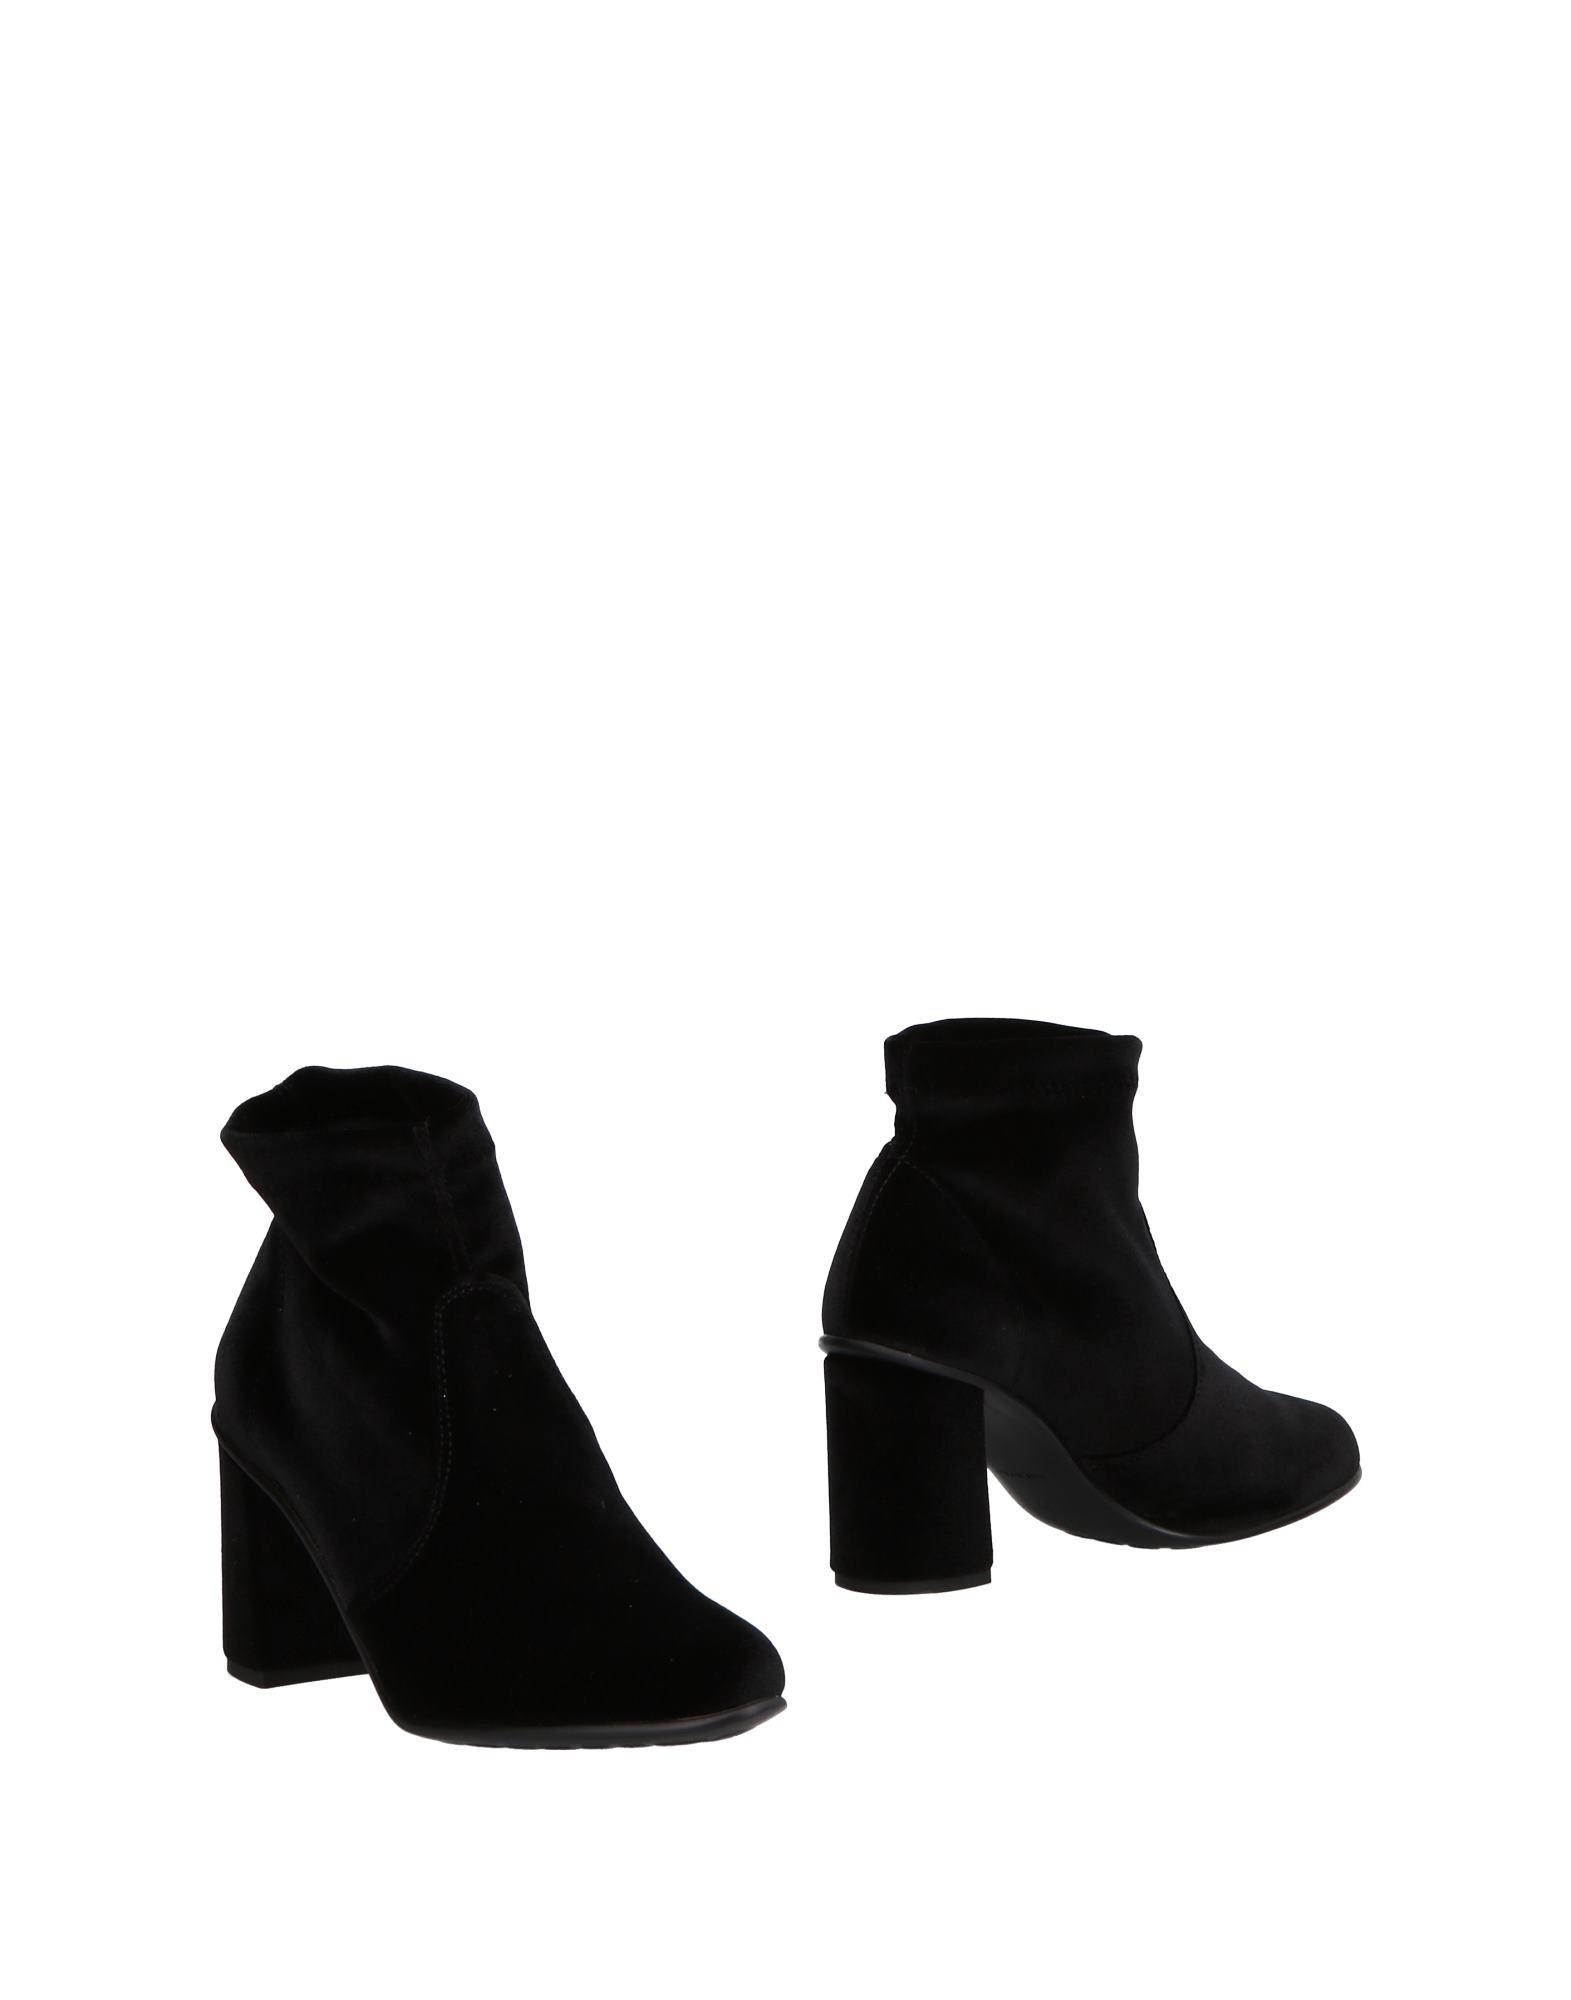 Gut um billige Damen Schuhe zu tragenNr Rapisardi Stiefelette Damen billige  11504790HW 67bdfa